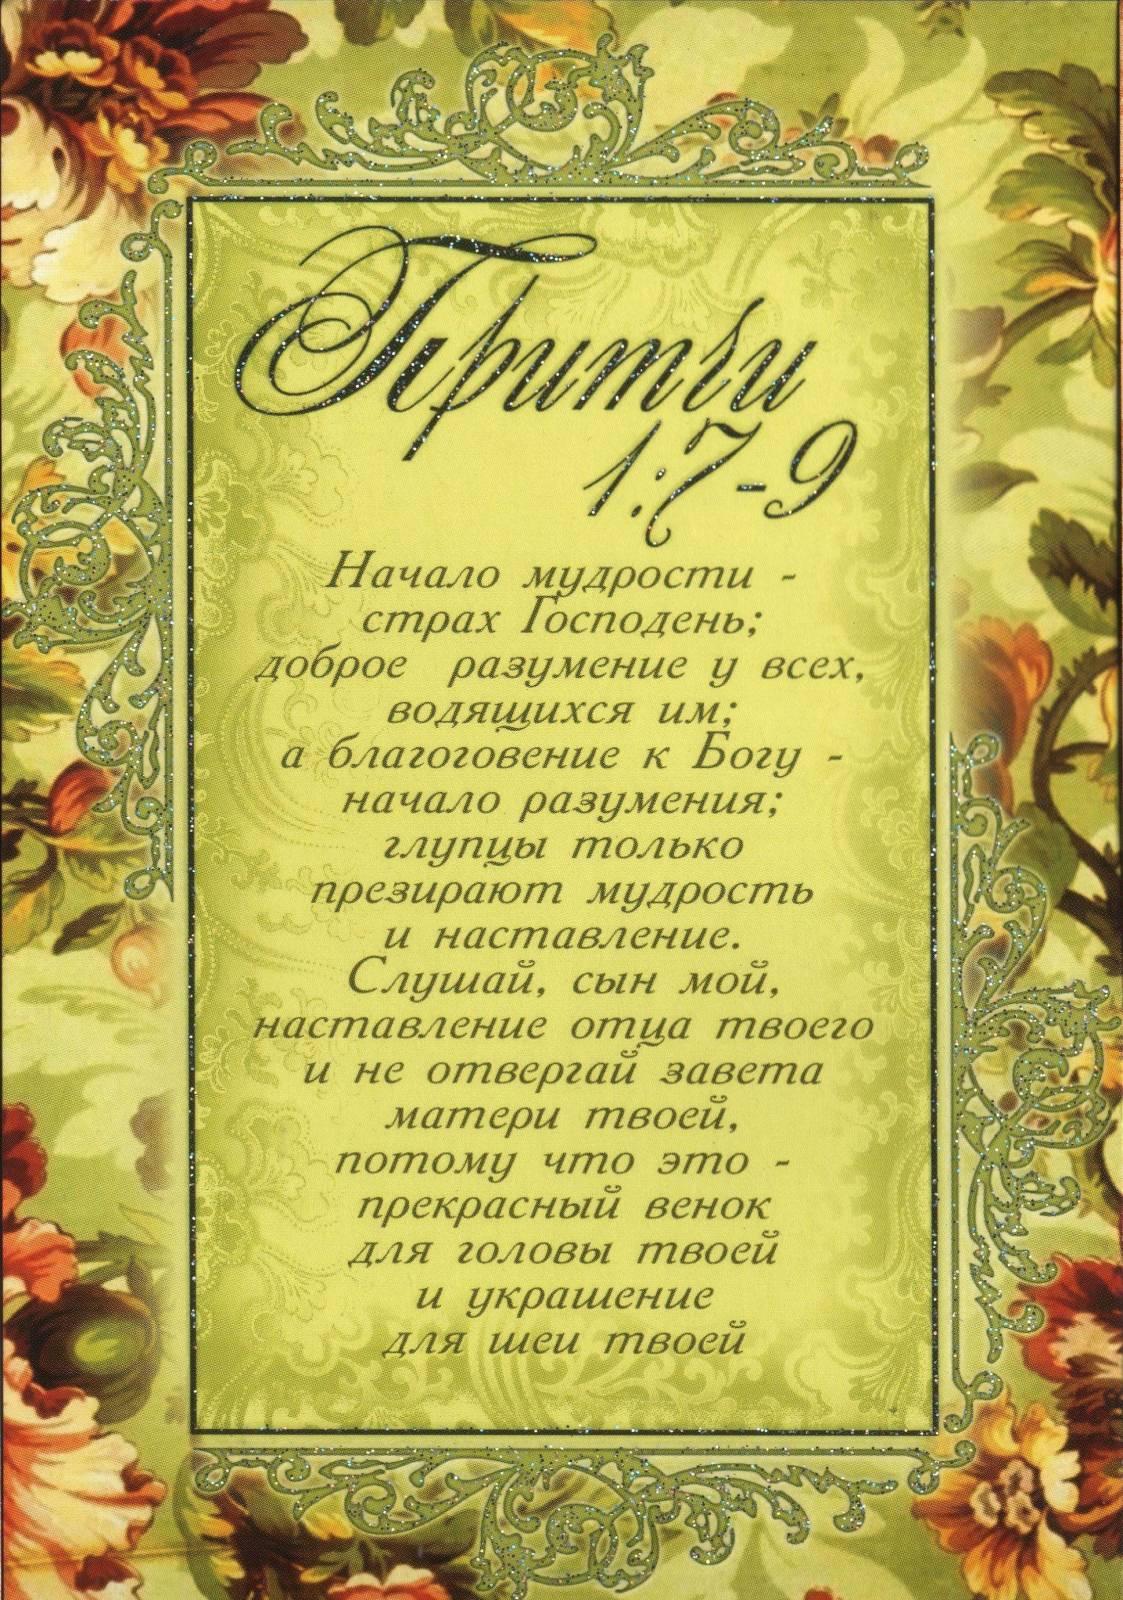 Поздравления с днем рождения девушке в притче7